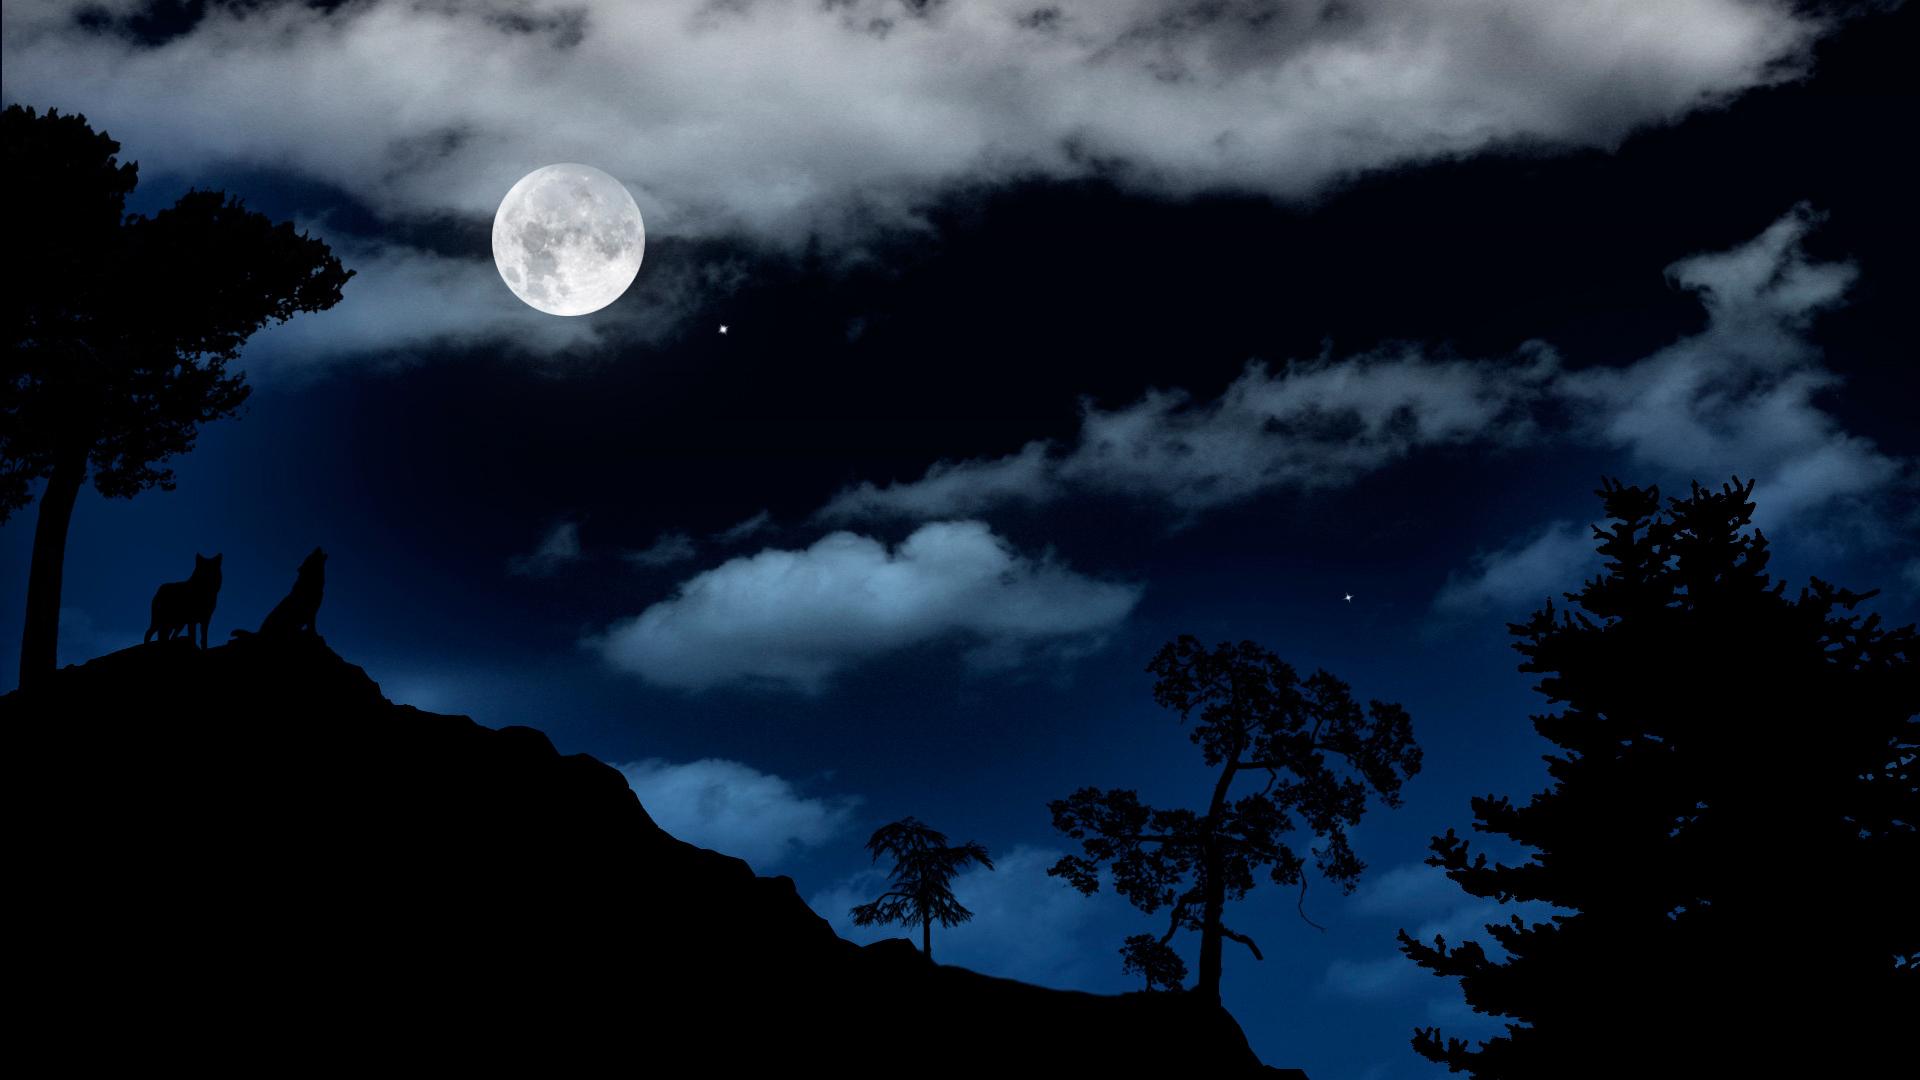 картинка темная ночка узнав, рассердилась приехала